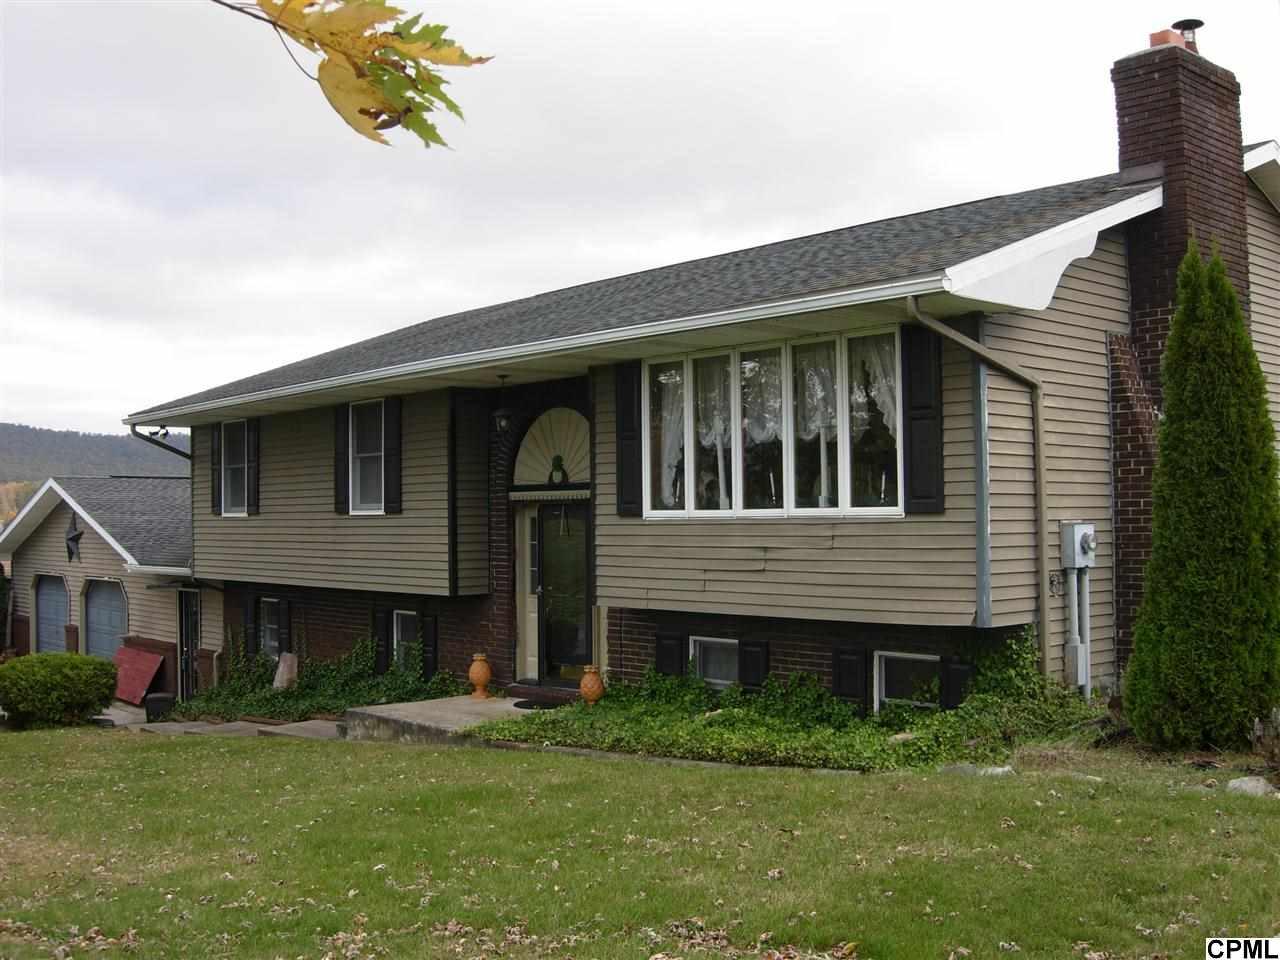 Real Estate for Sale, ListingId: 25757065, Millersburg,PA17061